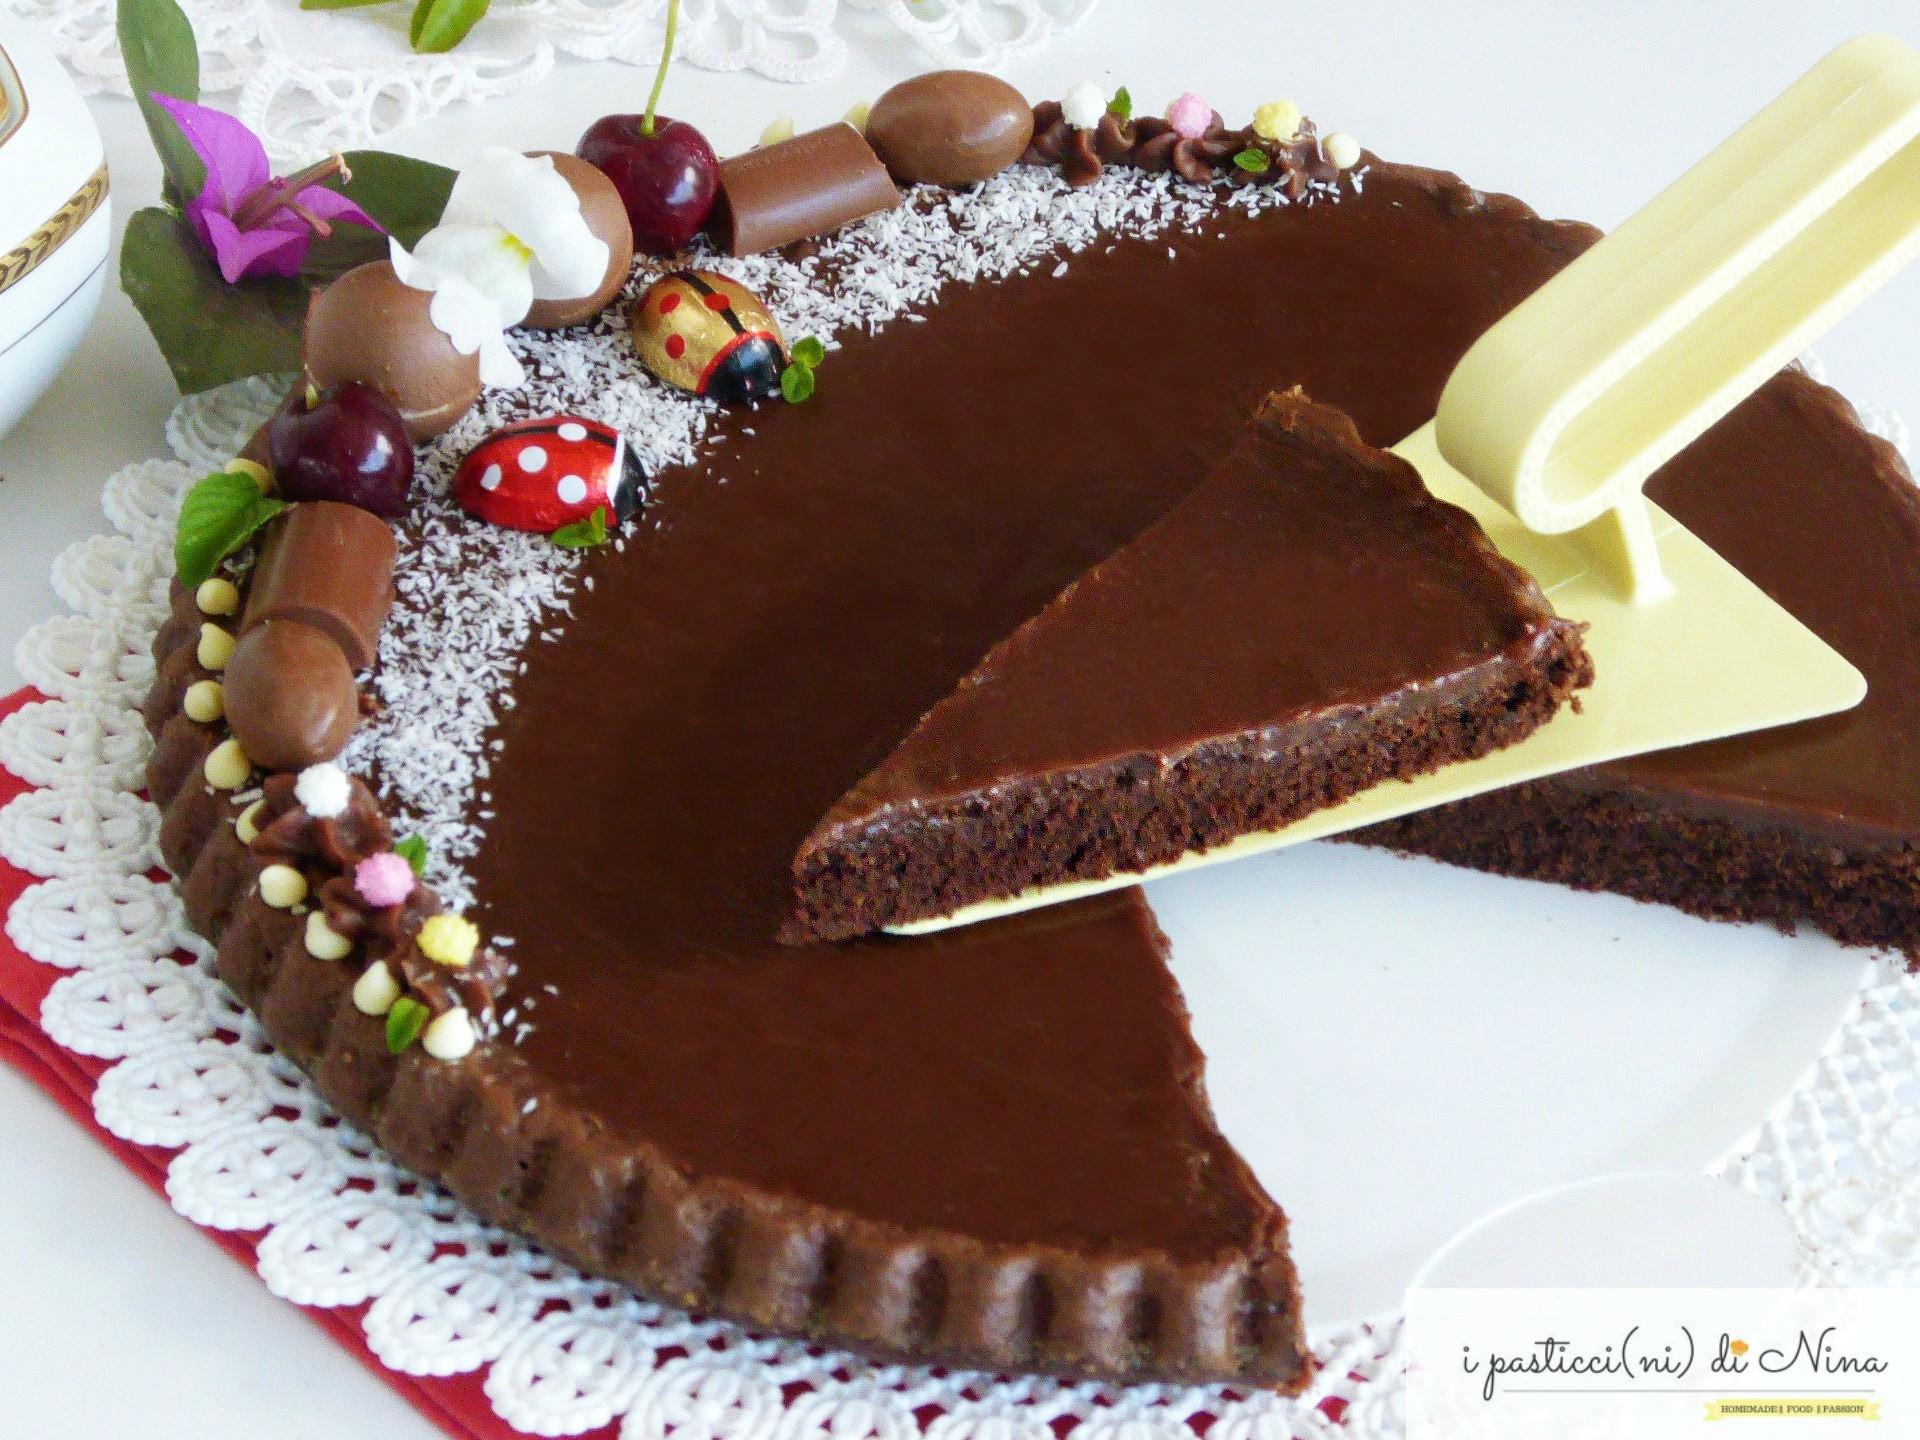 crostata morbida con ganache al cioccolato al latte